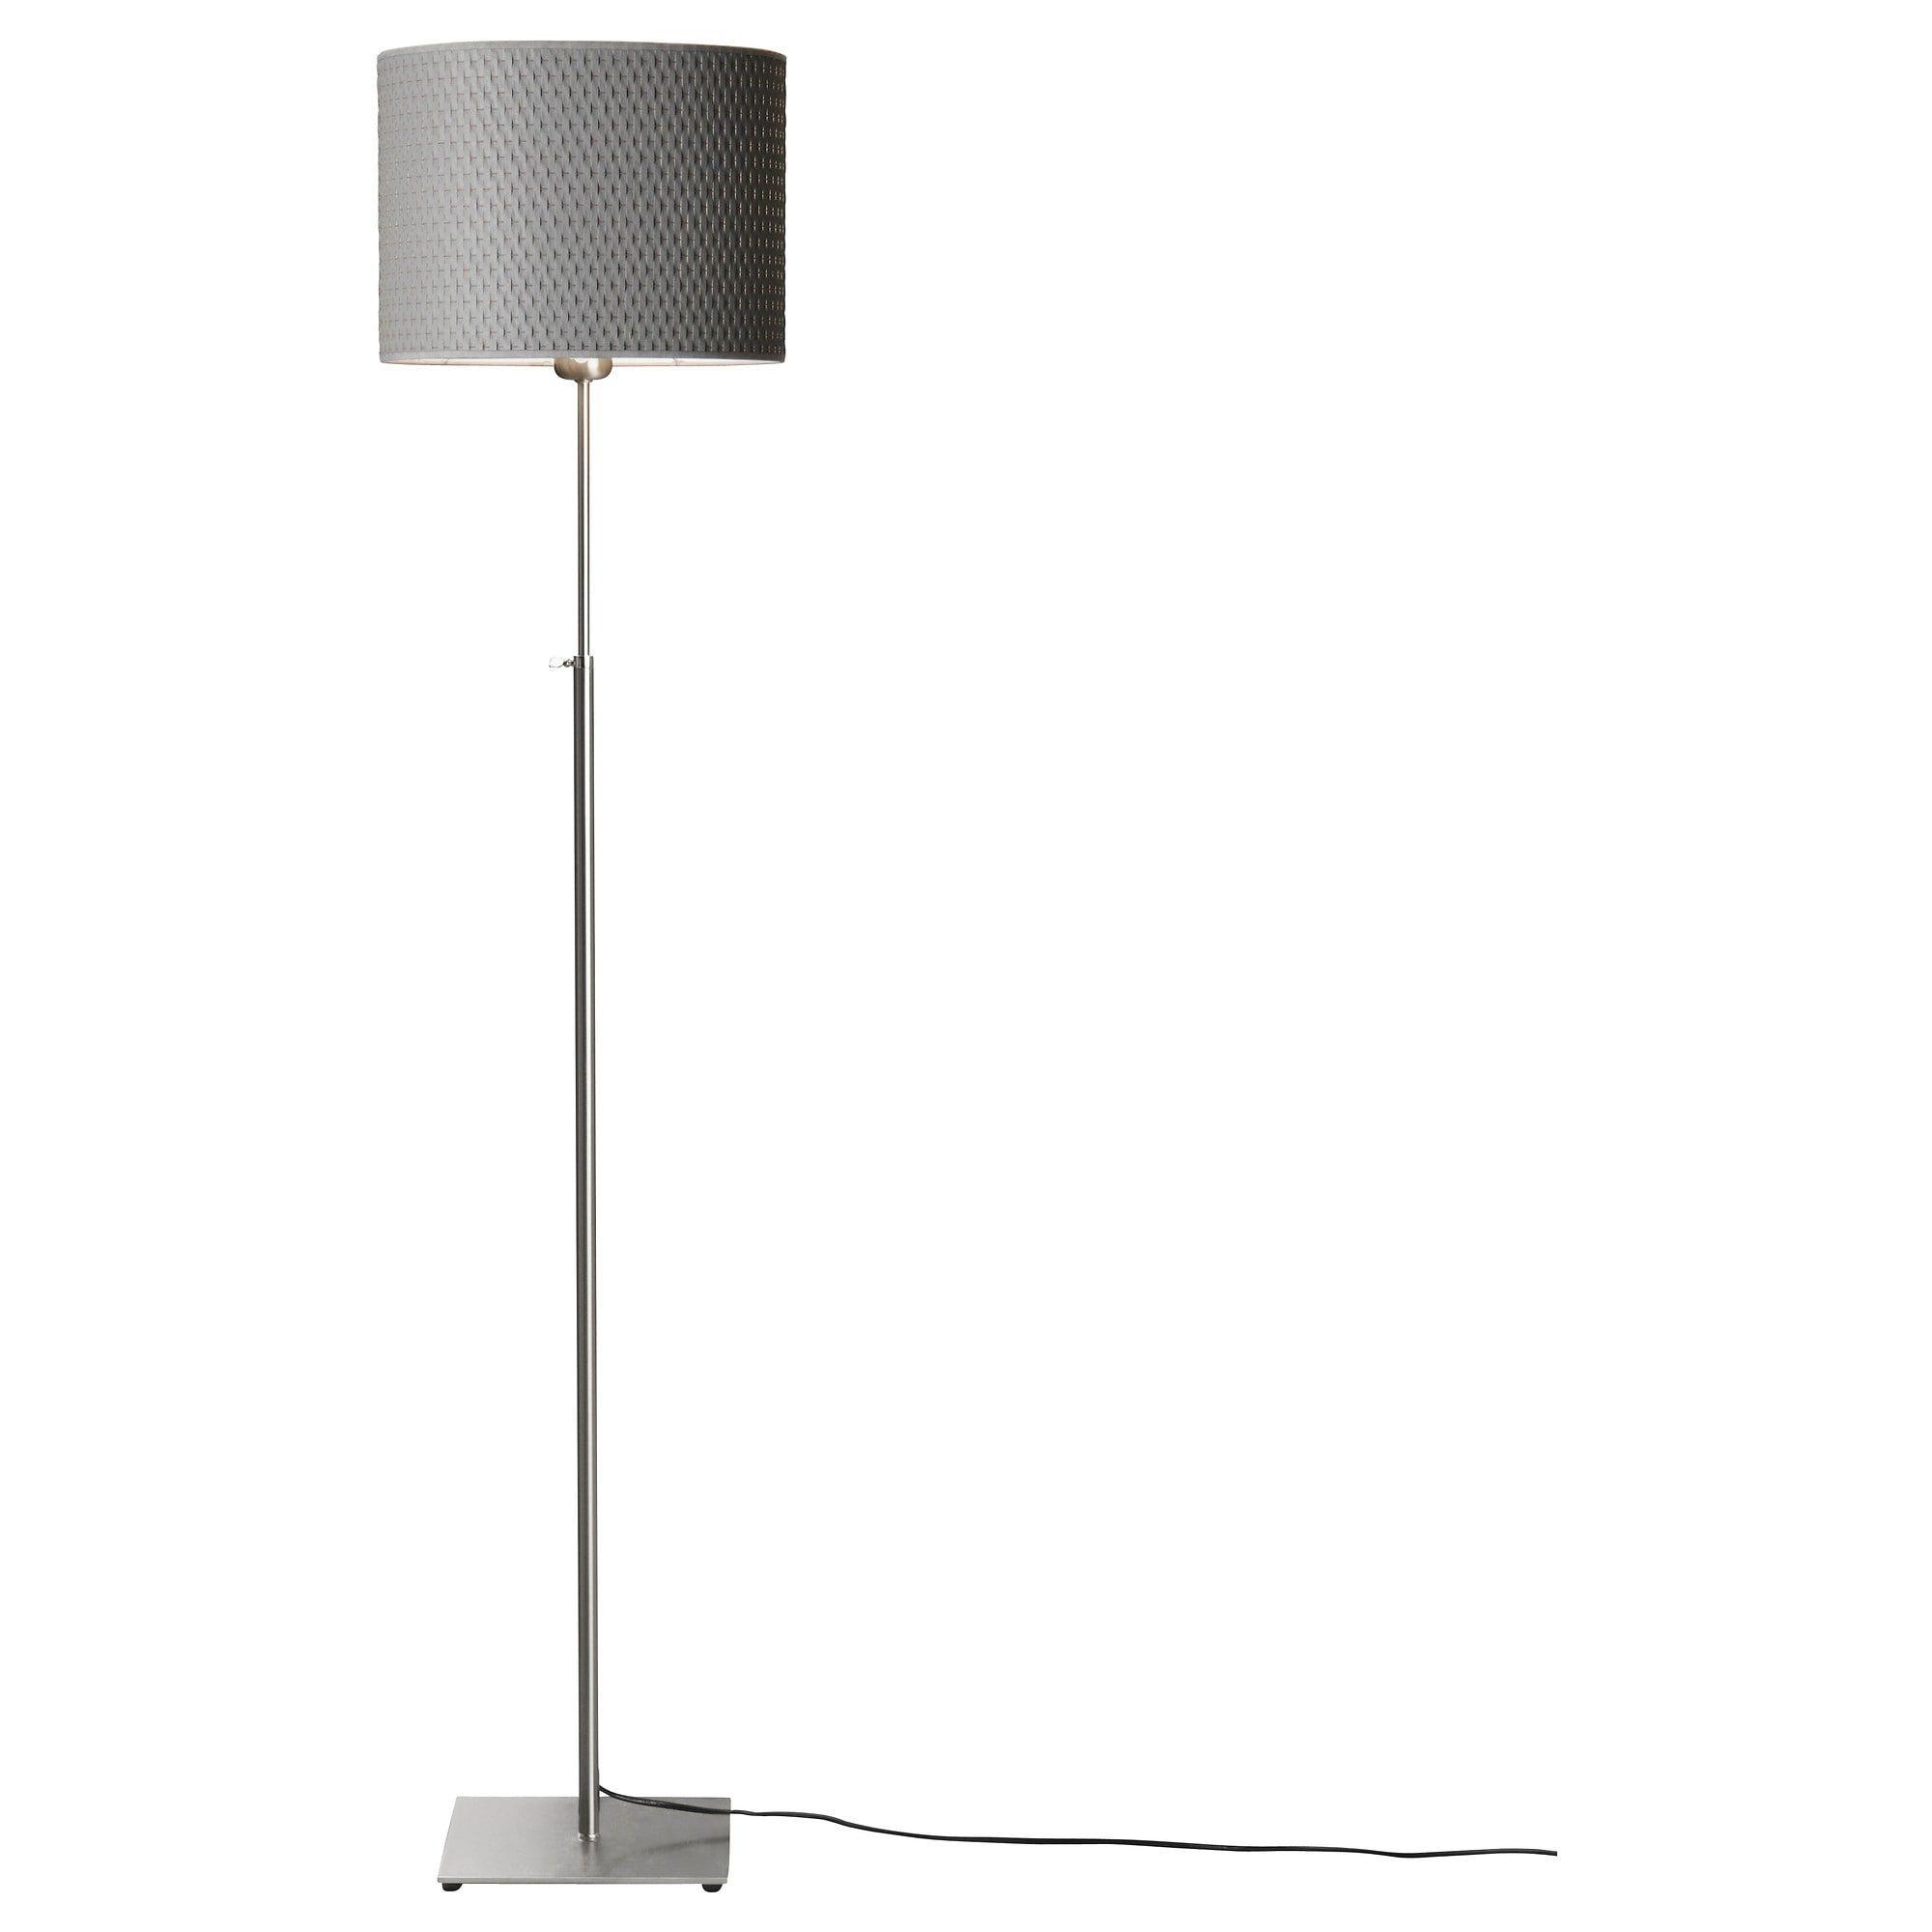 Full Size of Led Stehlampe Ikea Alng Floor Lamp Nickel Plated Grey Frisch Betten Bei Küche Kaufen 160x200 Miniküche Kosten Sofa Mit Schlaffunktion Wohnzimmer Schlafzimmer Wohnzimmer Stehlampe Ikea